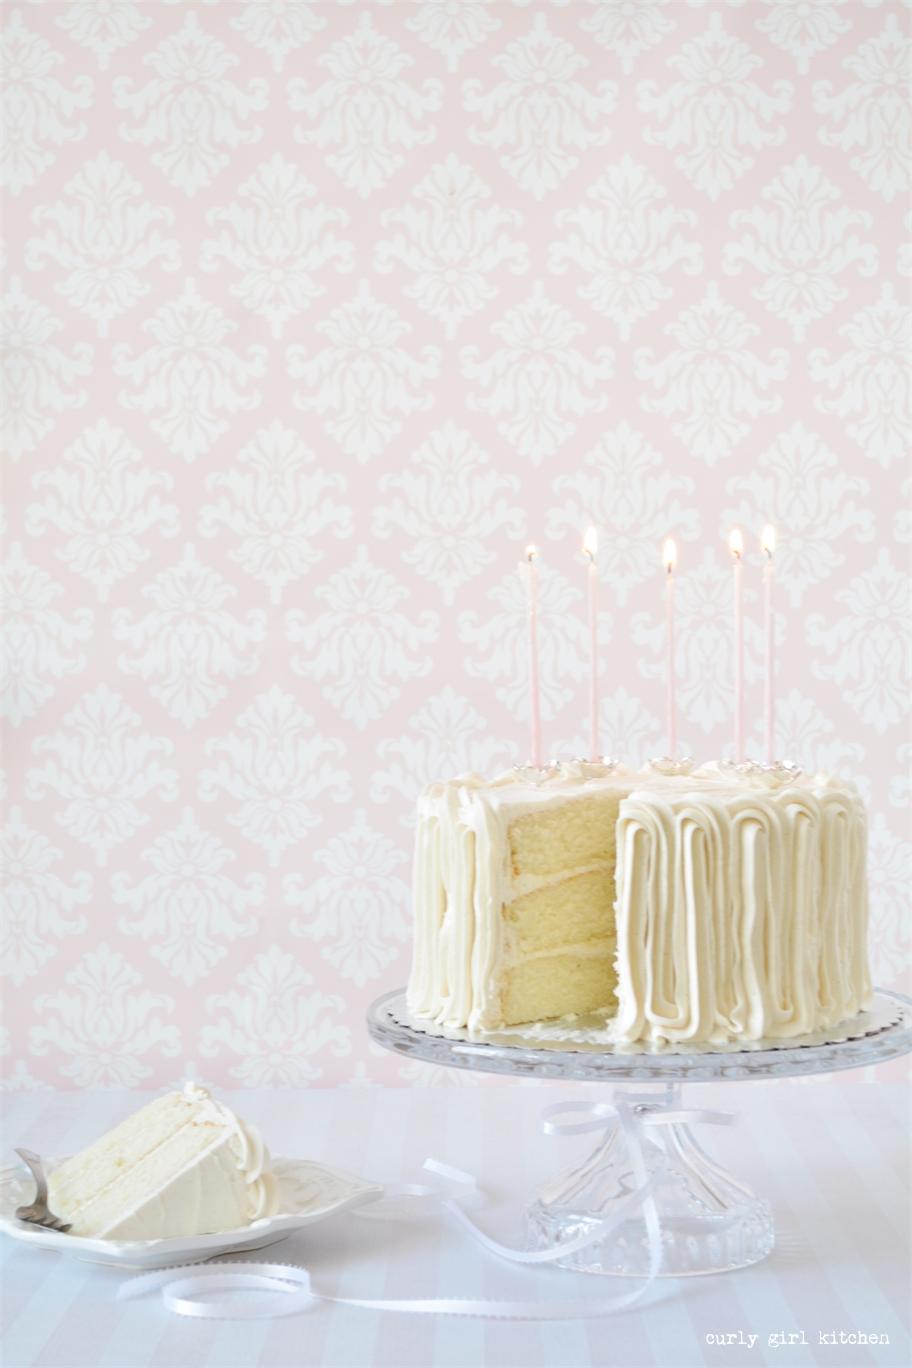 Curly Girl Kitchen: White Velvet Cake